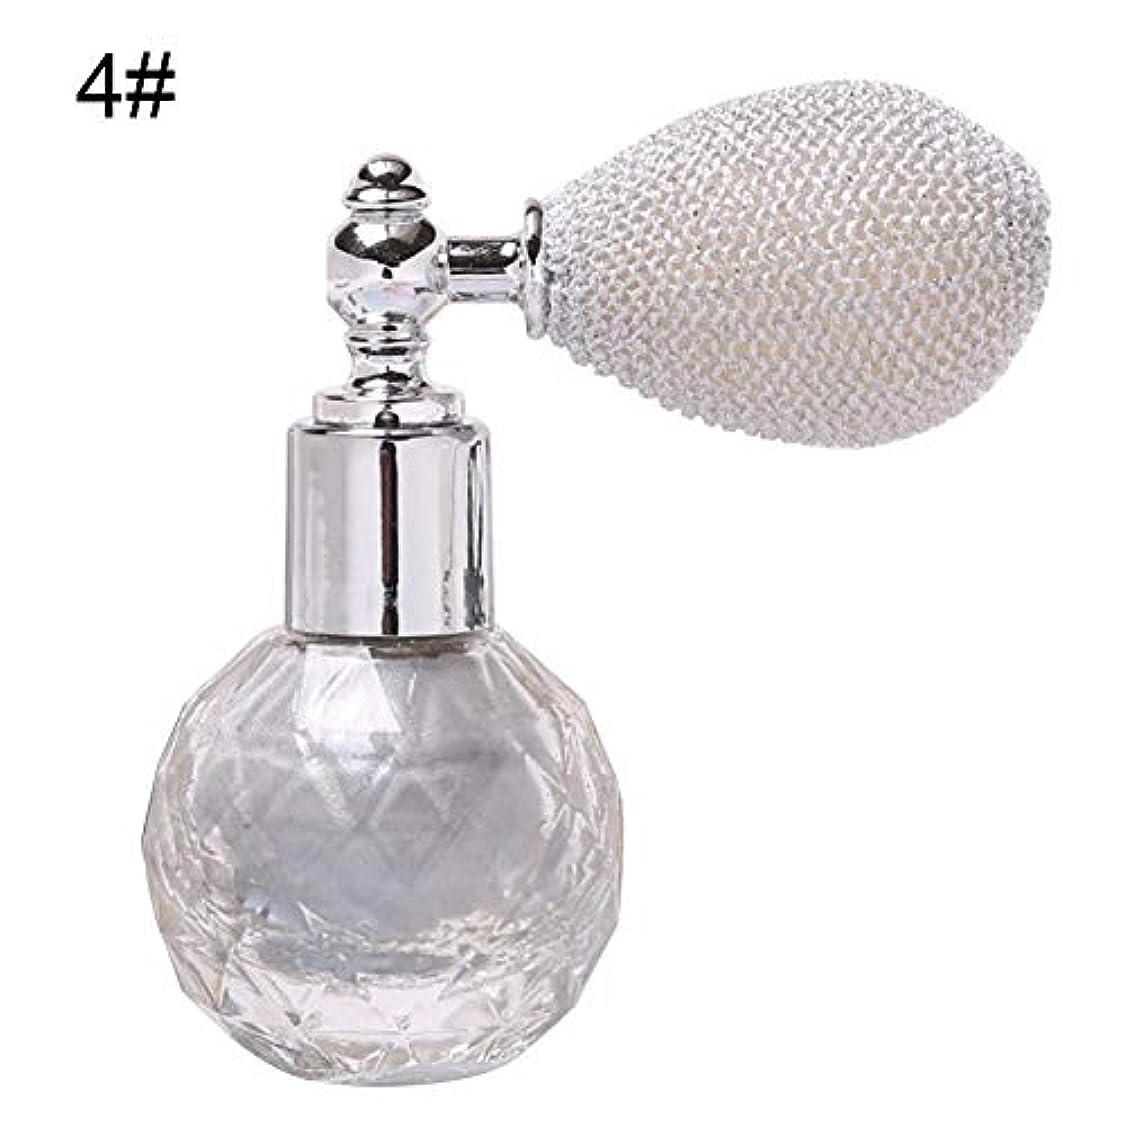 ミキサー意気揚々境界Ragem グリッターパウダー スプレー 式 香水味 顔/ボディ/ヘア 化粧パウダー 4色選択可